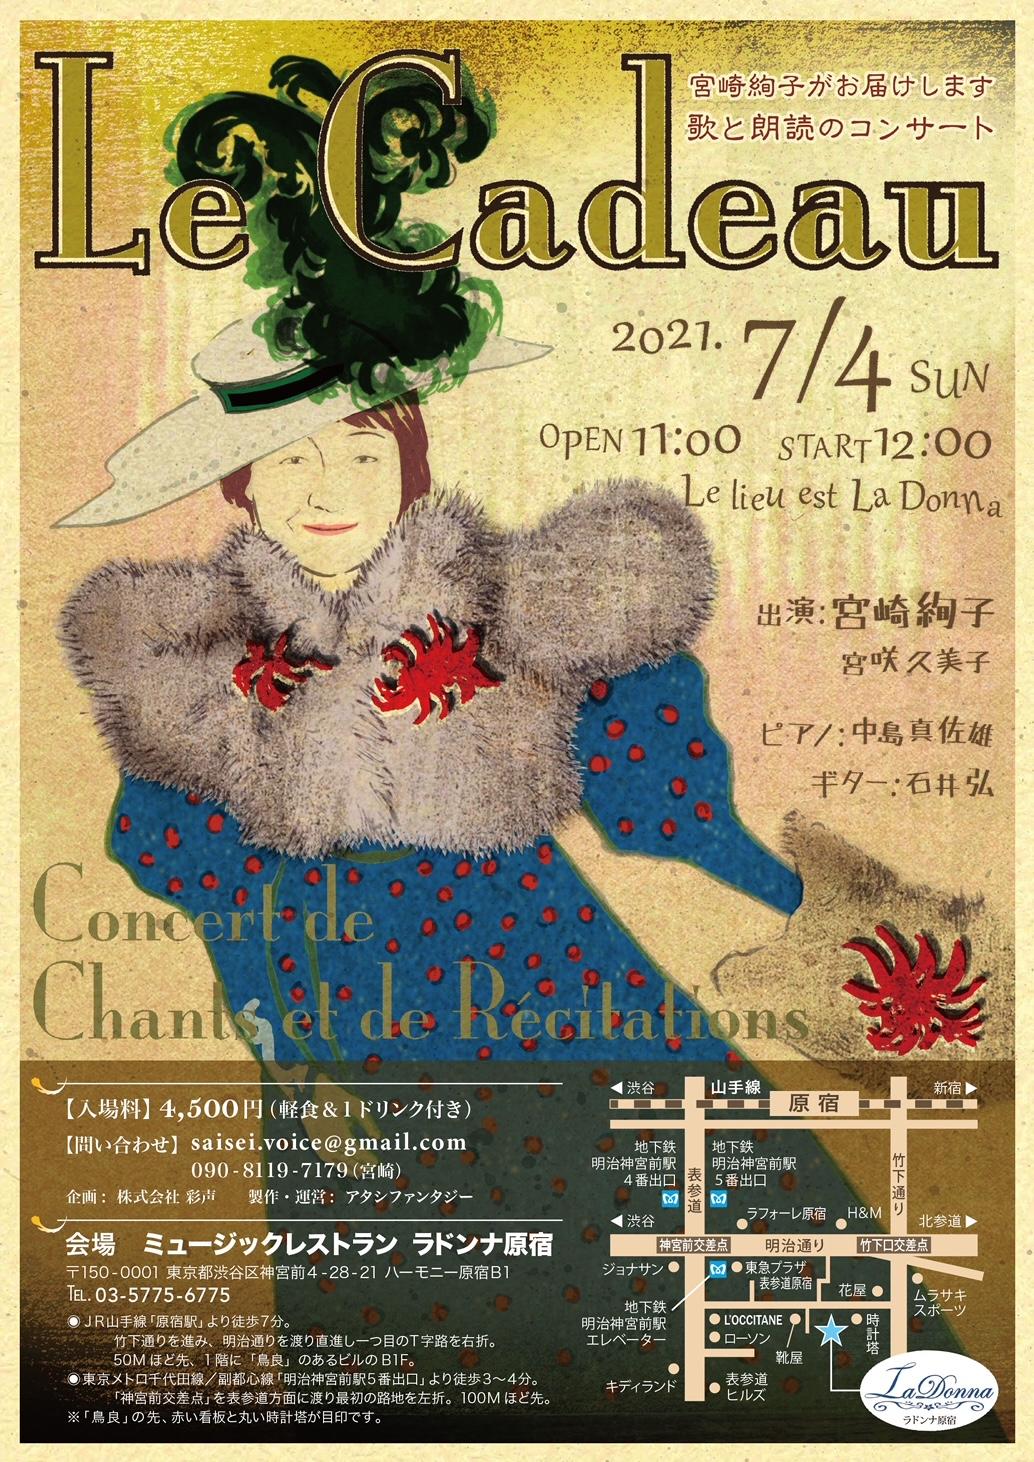 歌と朗読のコンサート Le Cadeau